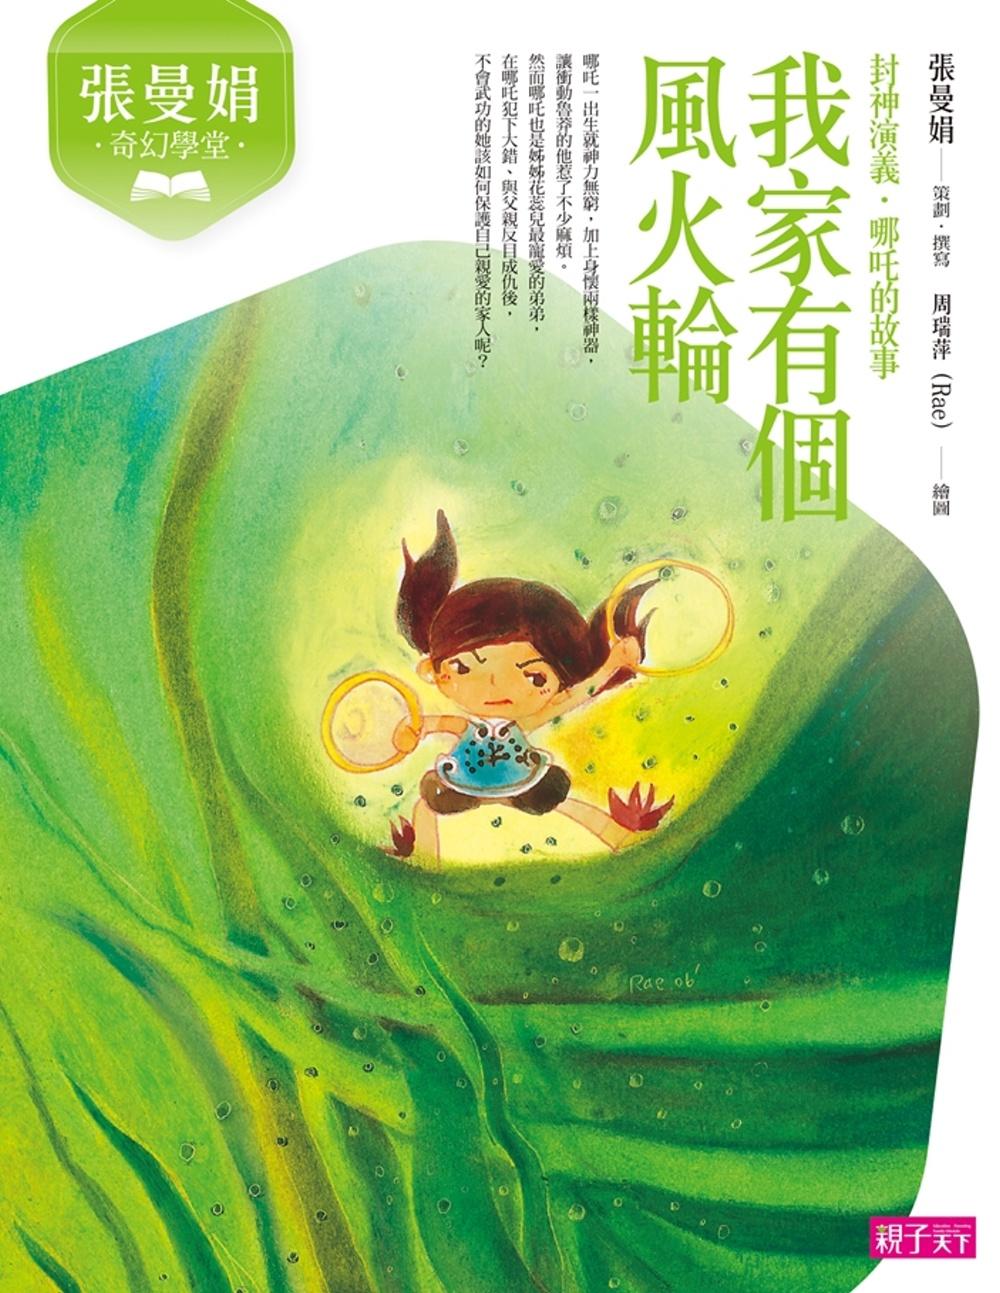 張曼娟奇幻學堂:我家有個風火輪(封神演義.哪吒的故事)(新版)